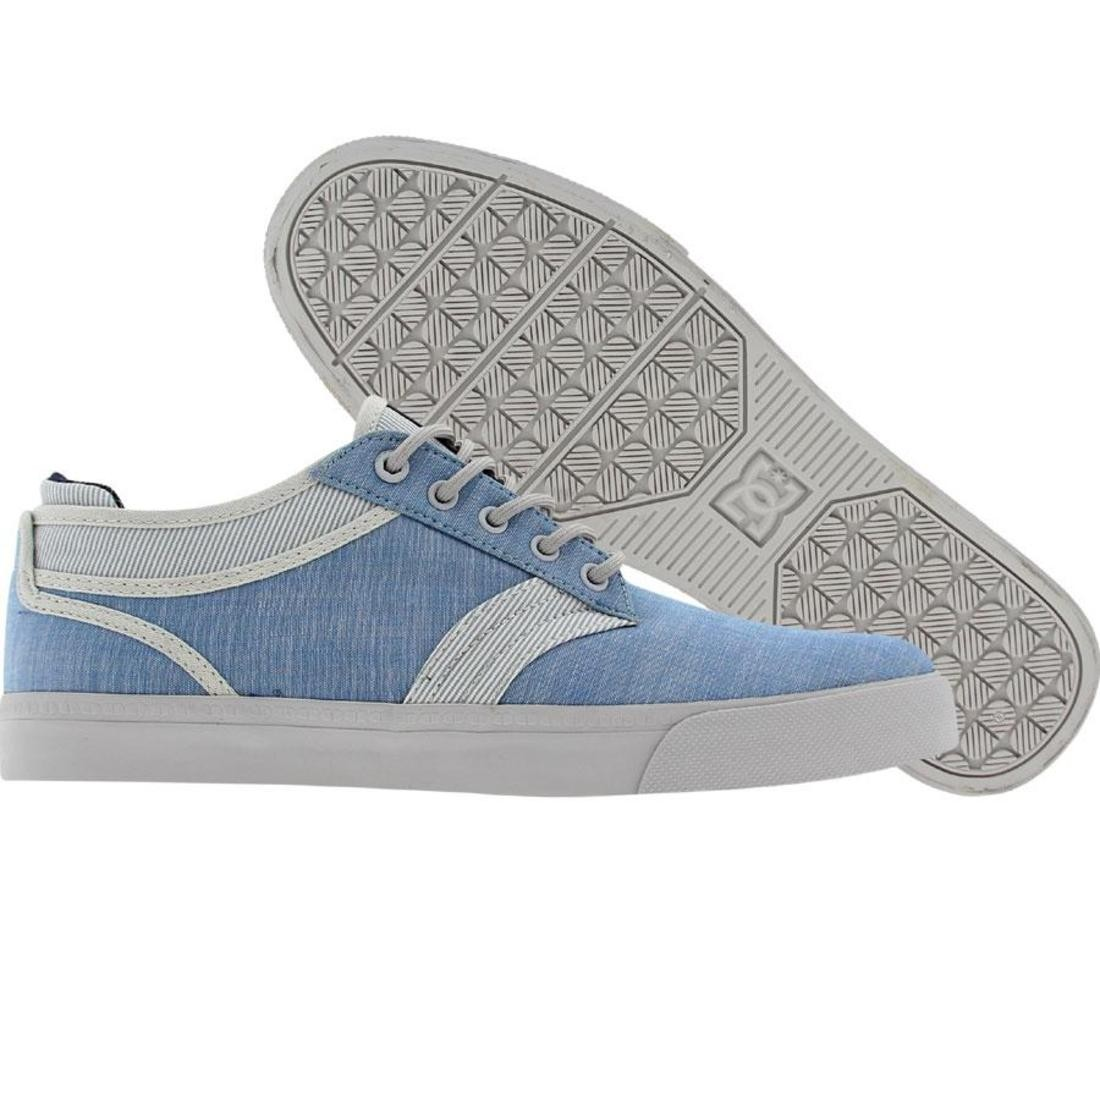 【海外限定】ディーシー コレクション メンズ靴 靴 【 DC LIFE COLLECTION MERGE TX LIGHT BLUE 】